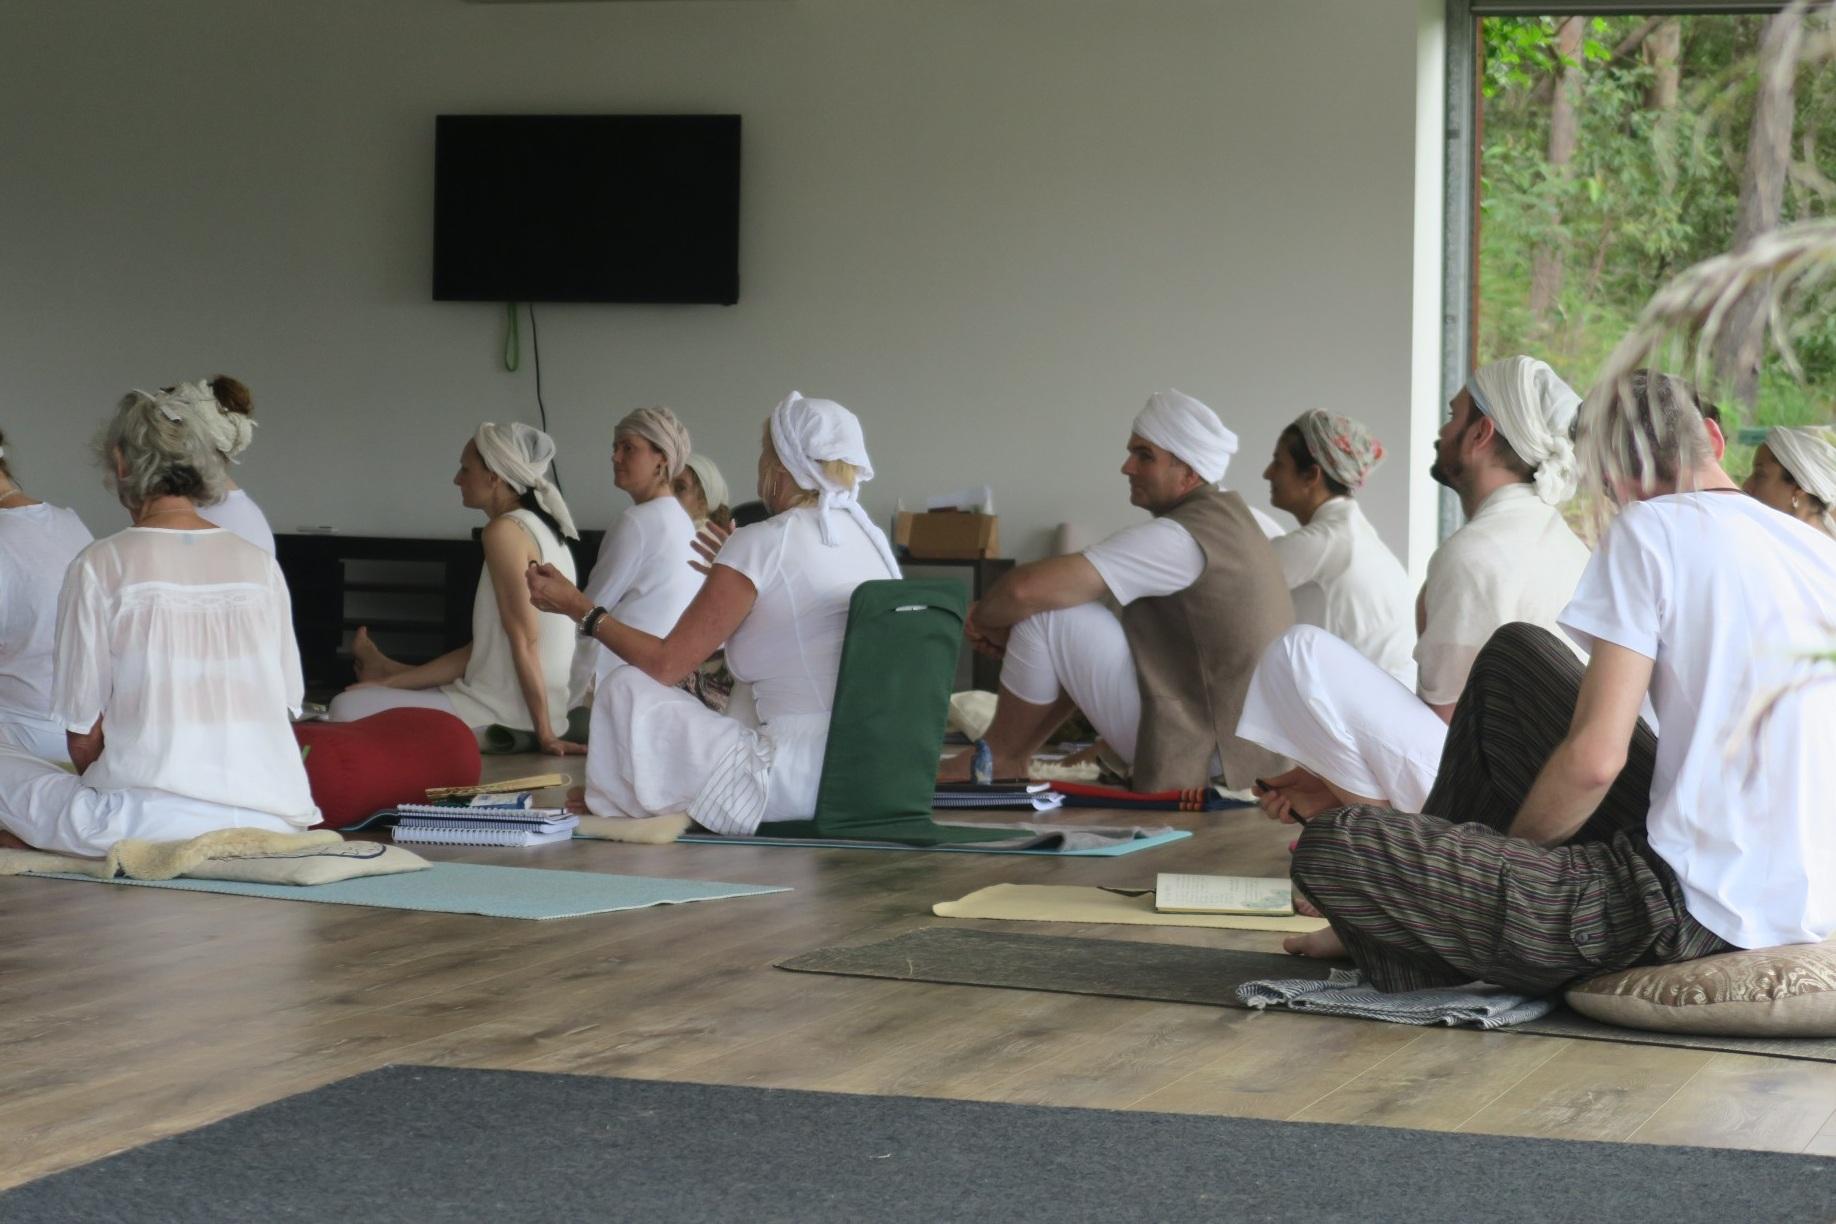 kundalini-yoga-teacher-training-level-two-stress-vitality-australia-brisbane-sunshinecoast